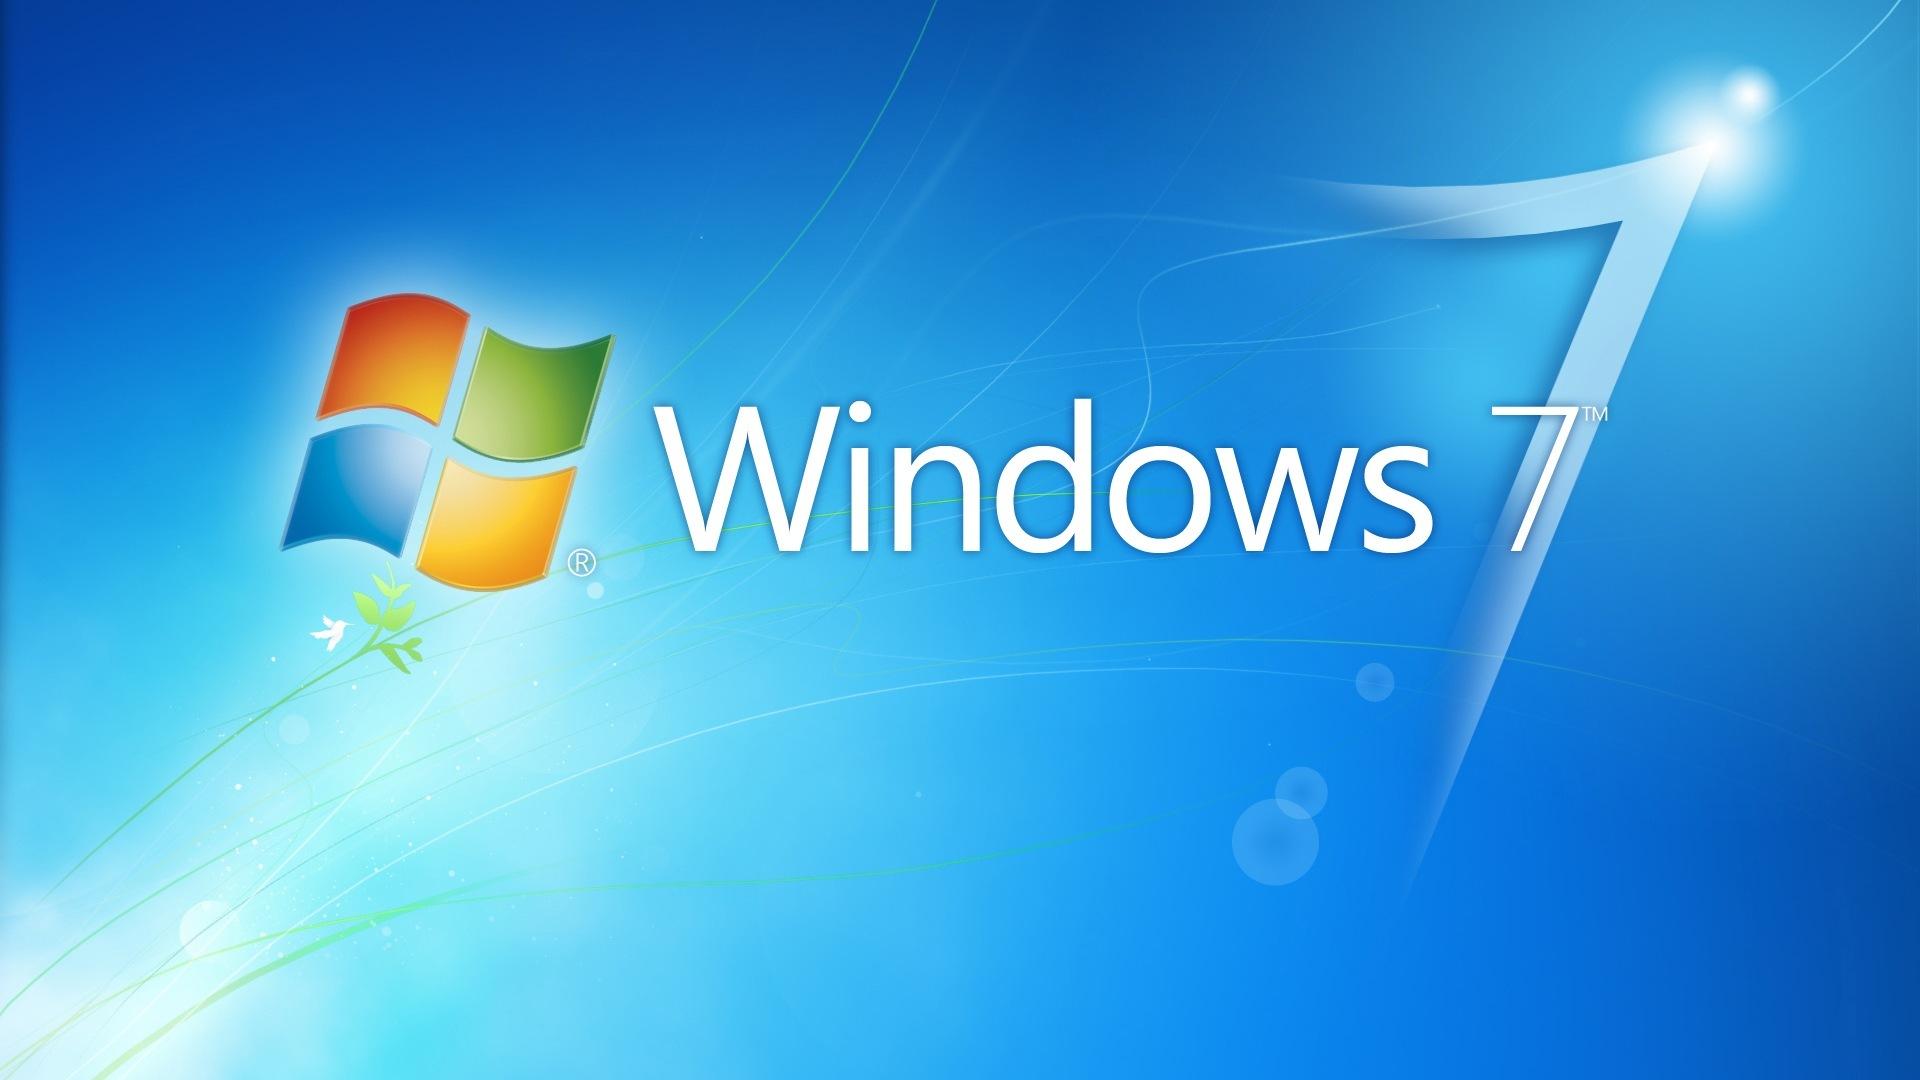 Пользователи научились получать новые апдейты Windows 7, даже после прекращения поддержки